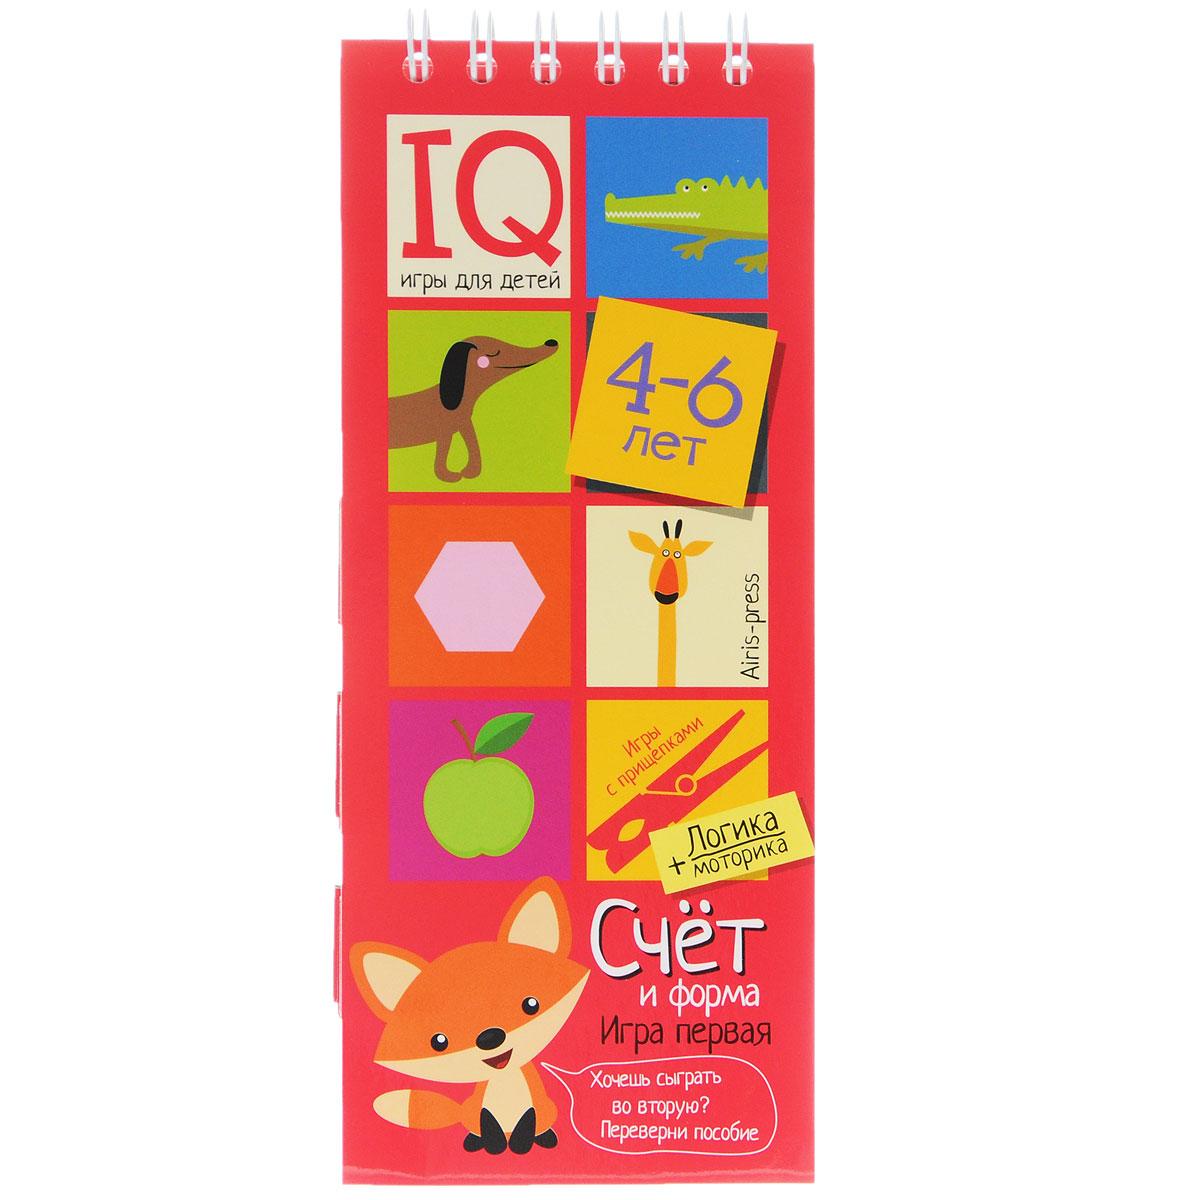 Айрис-пресс Обучающая игра Счет и форма для детей 4-6 лет -